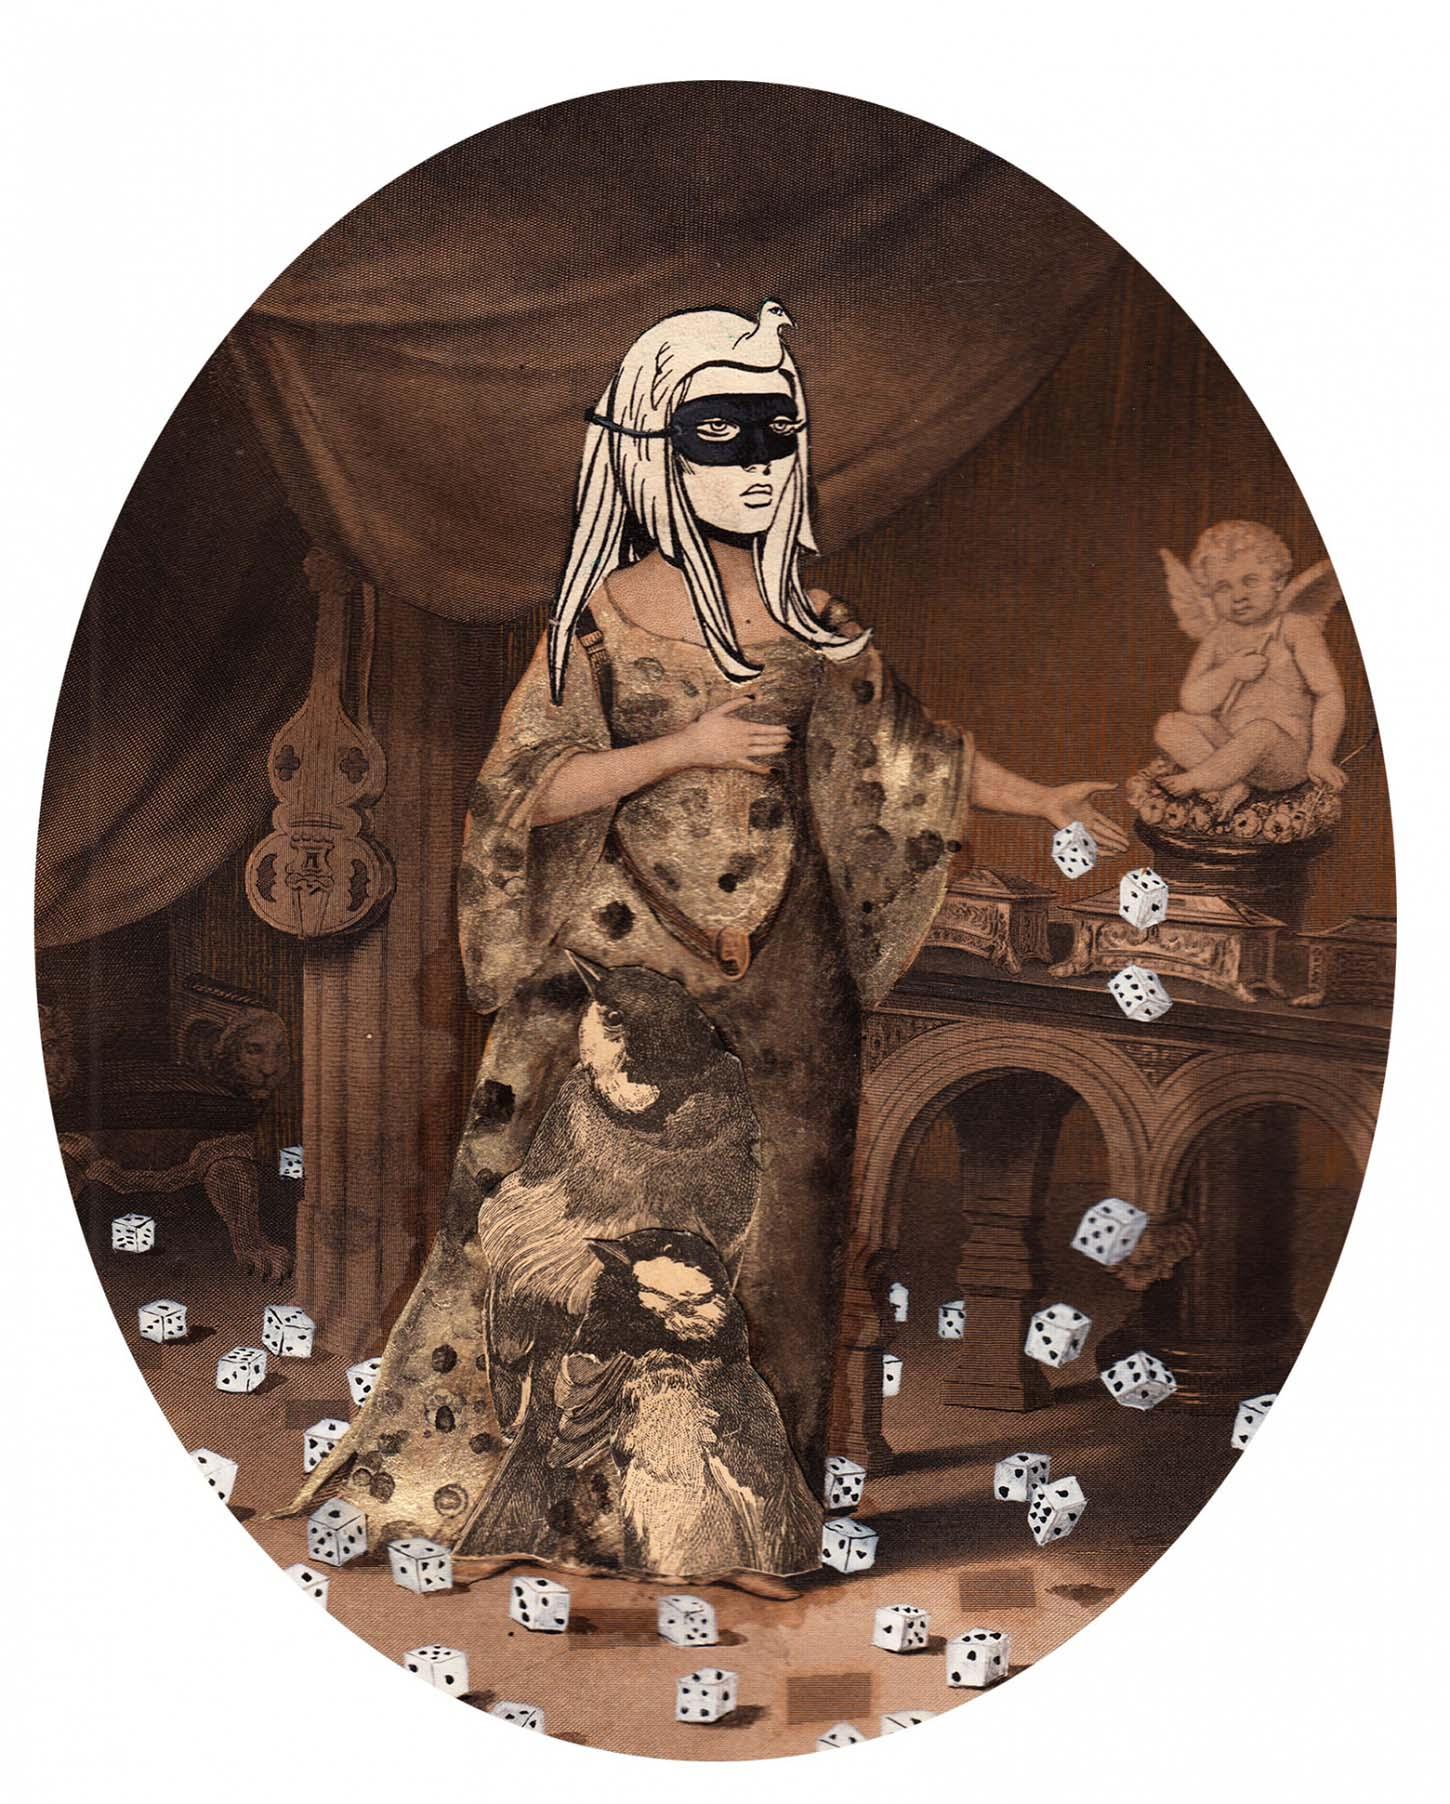 Karine Rougier, Sans titre, (de la série Les vagabonds), 2018, collage, gouache et encre sur document, 30 x 40 cm